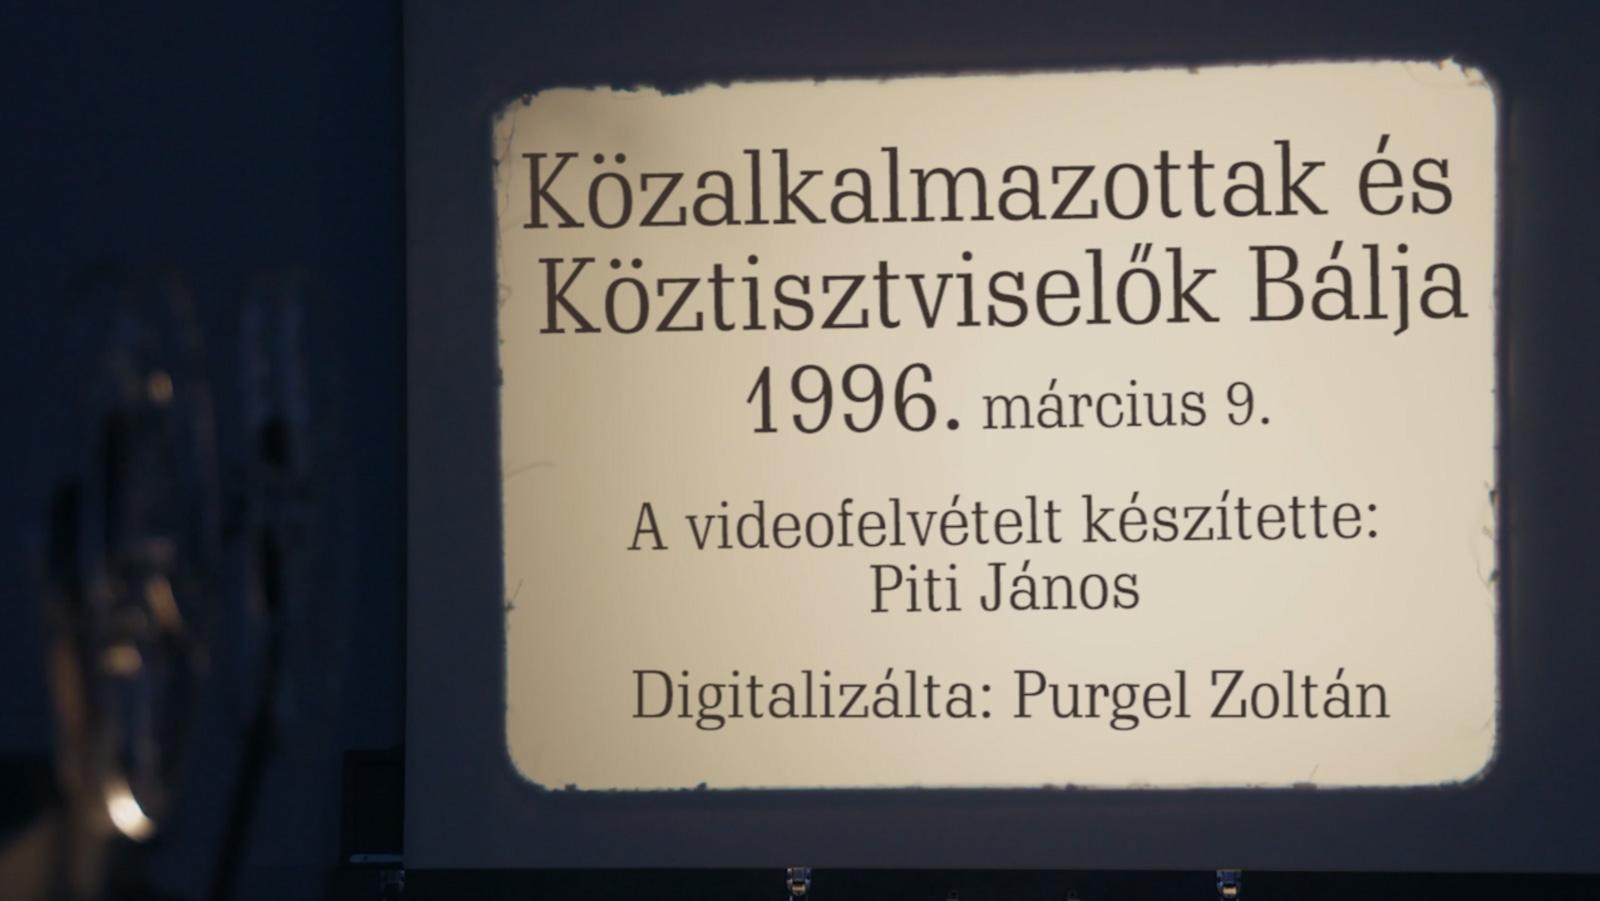 Közalkalmazottak és Köztisztviselők bálja 1996.